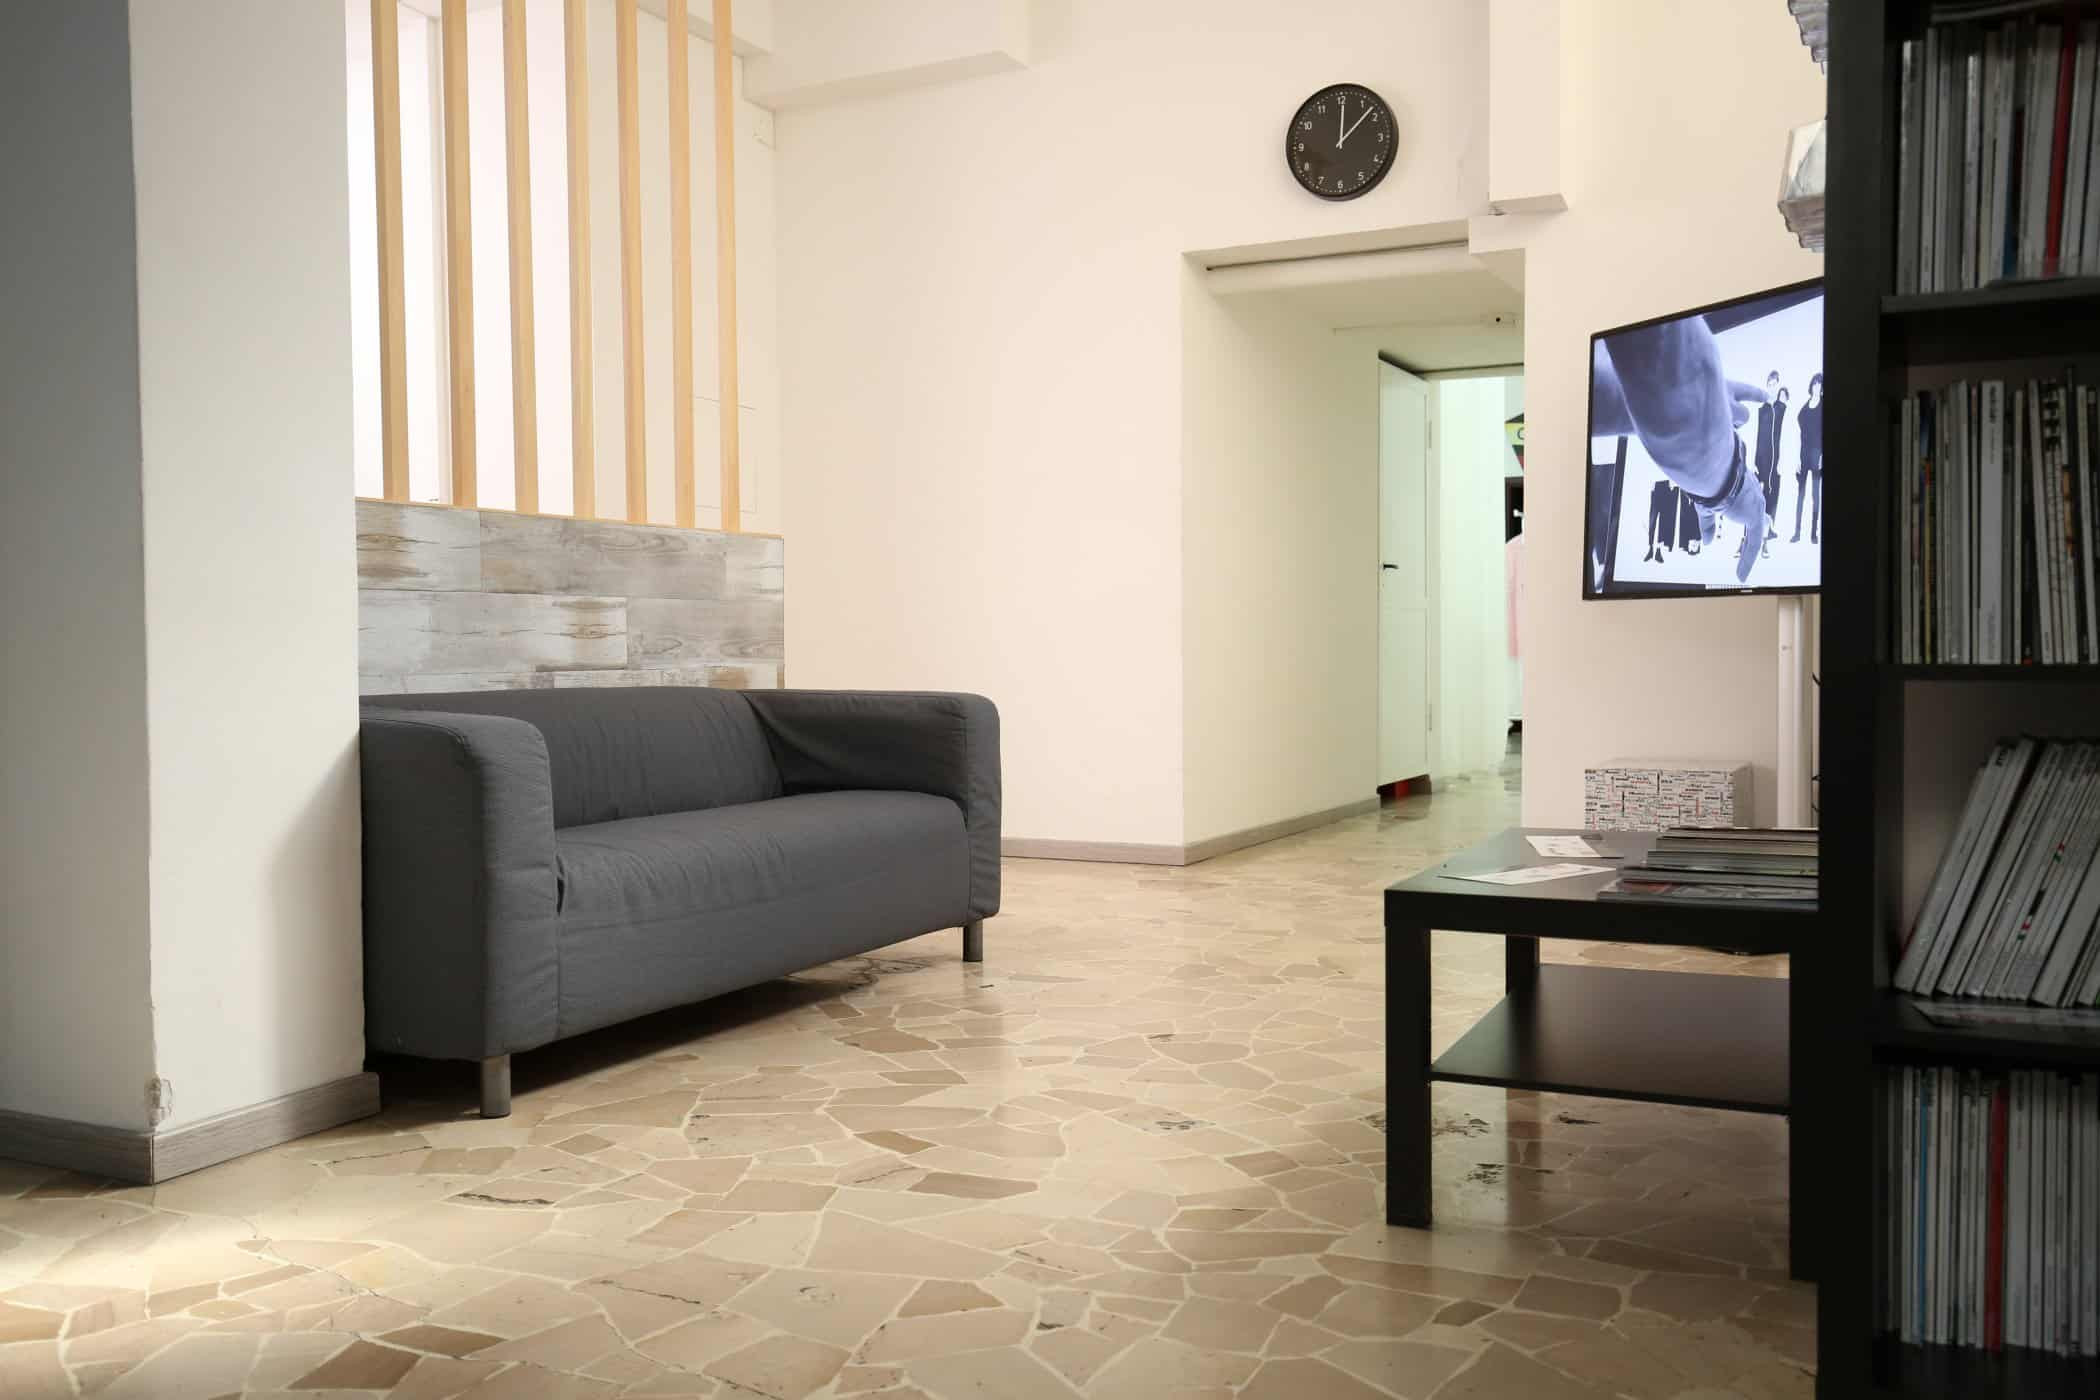 affitto-studio-fotografico-sala-pose-postazione-makeup-luci-per-servizi-fotografici-video-riprese (3)